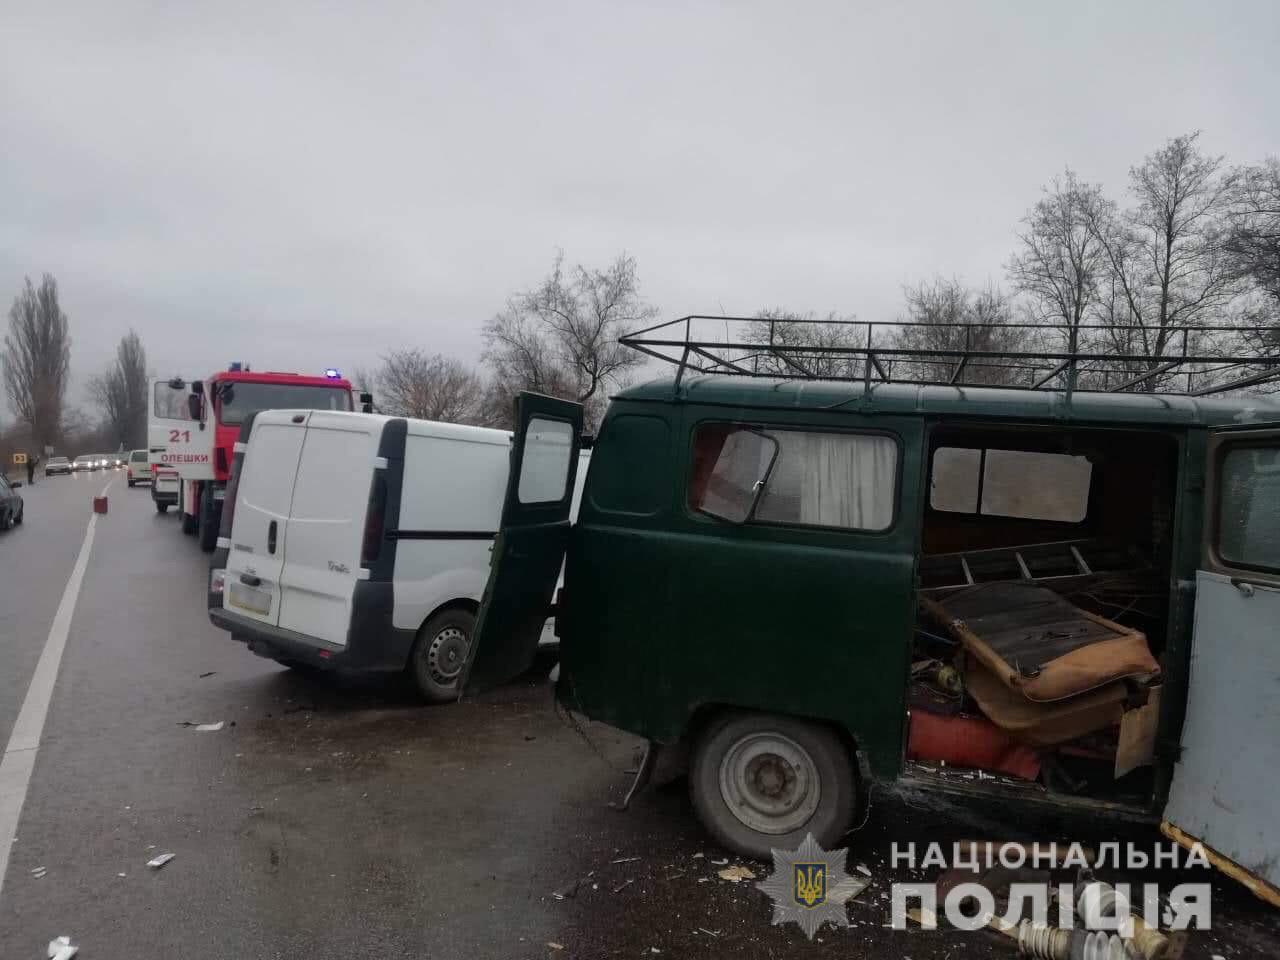 В ДТП в Херсонской области погибли 5 человек